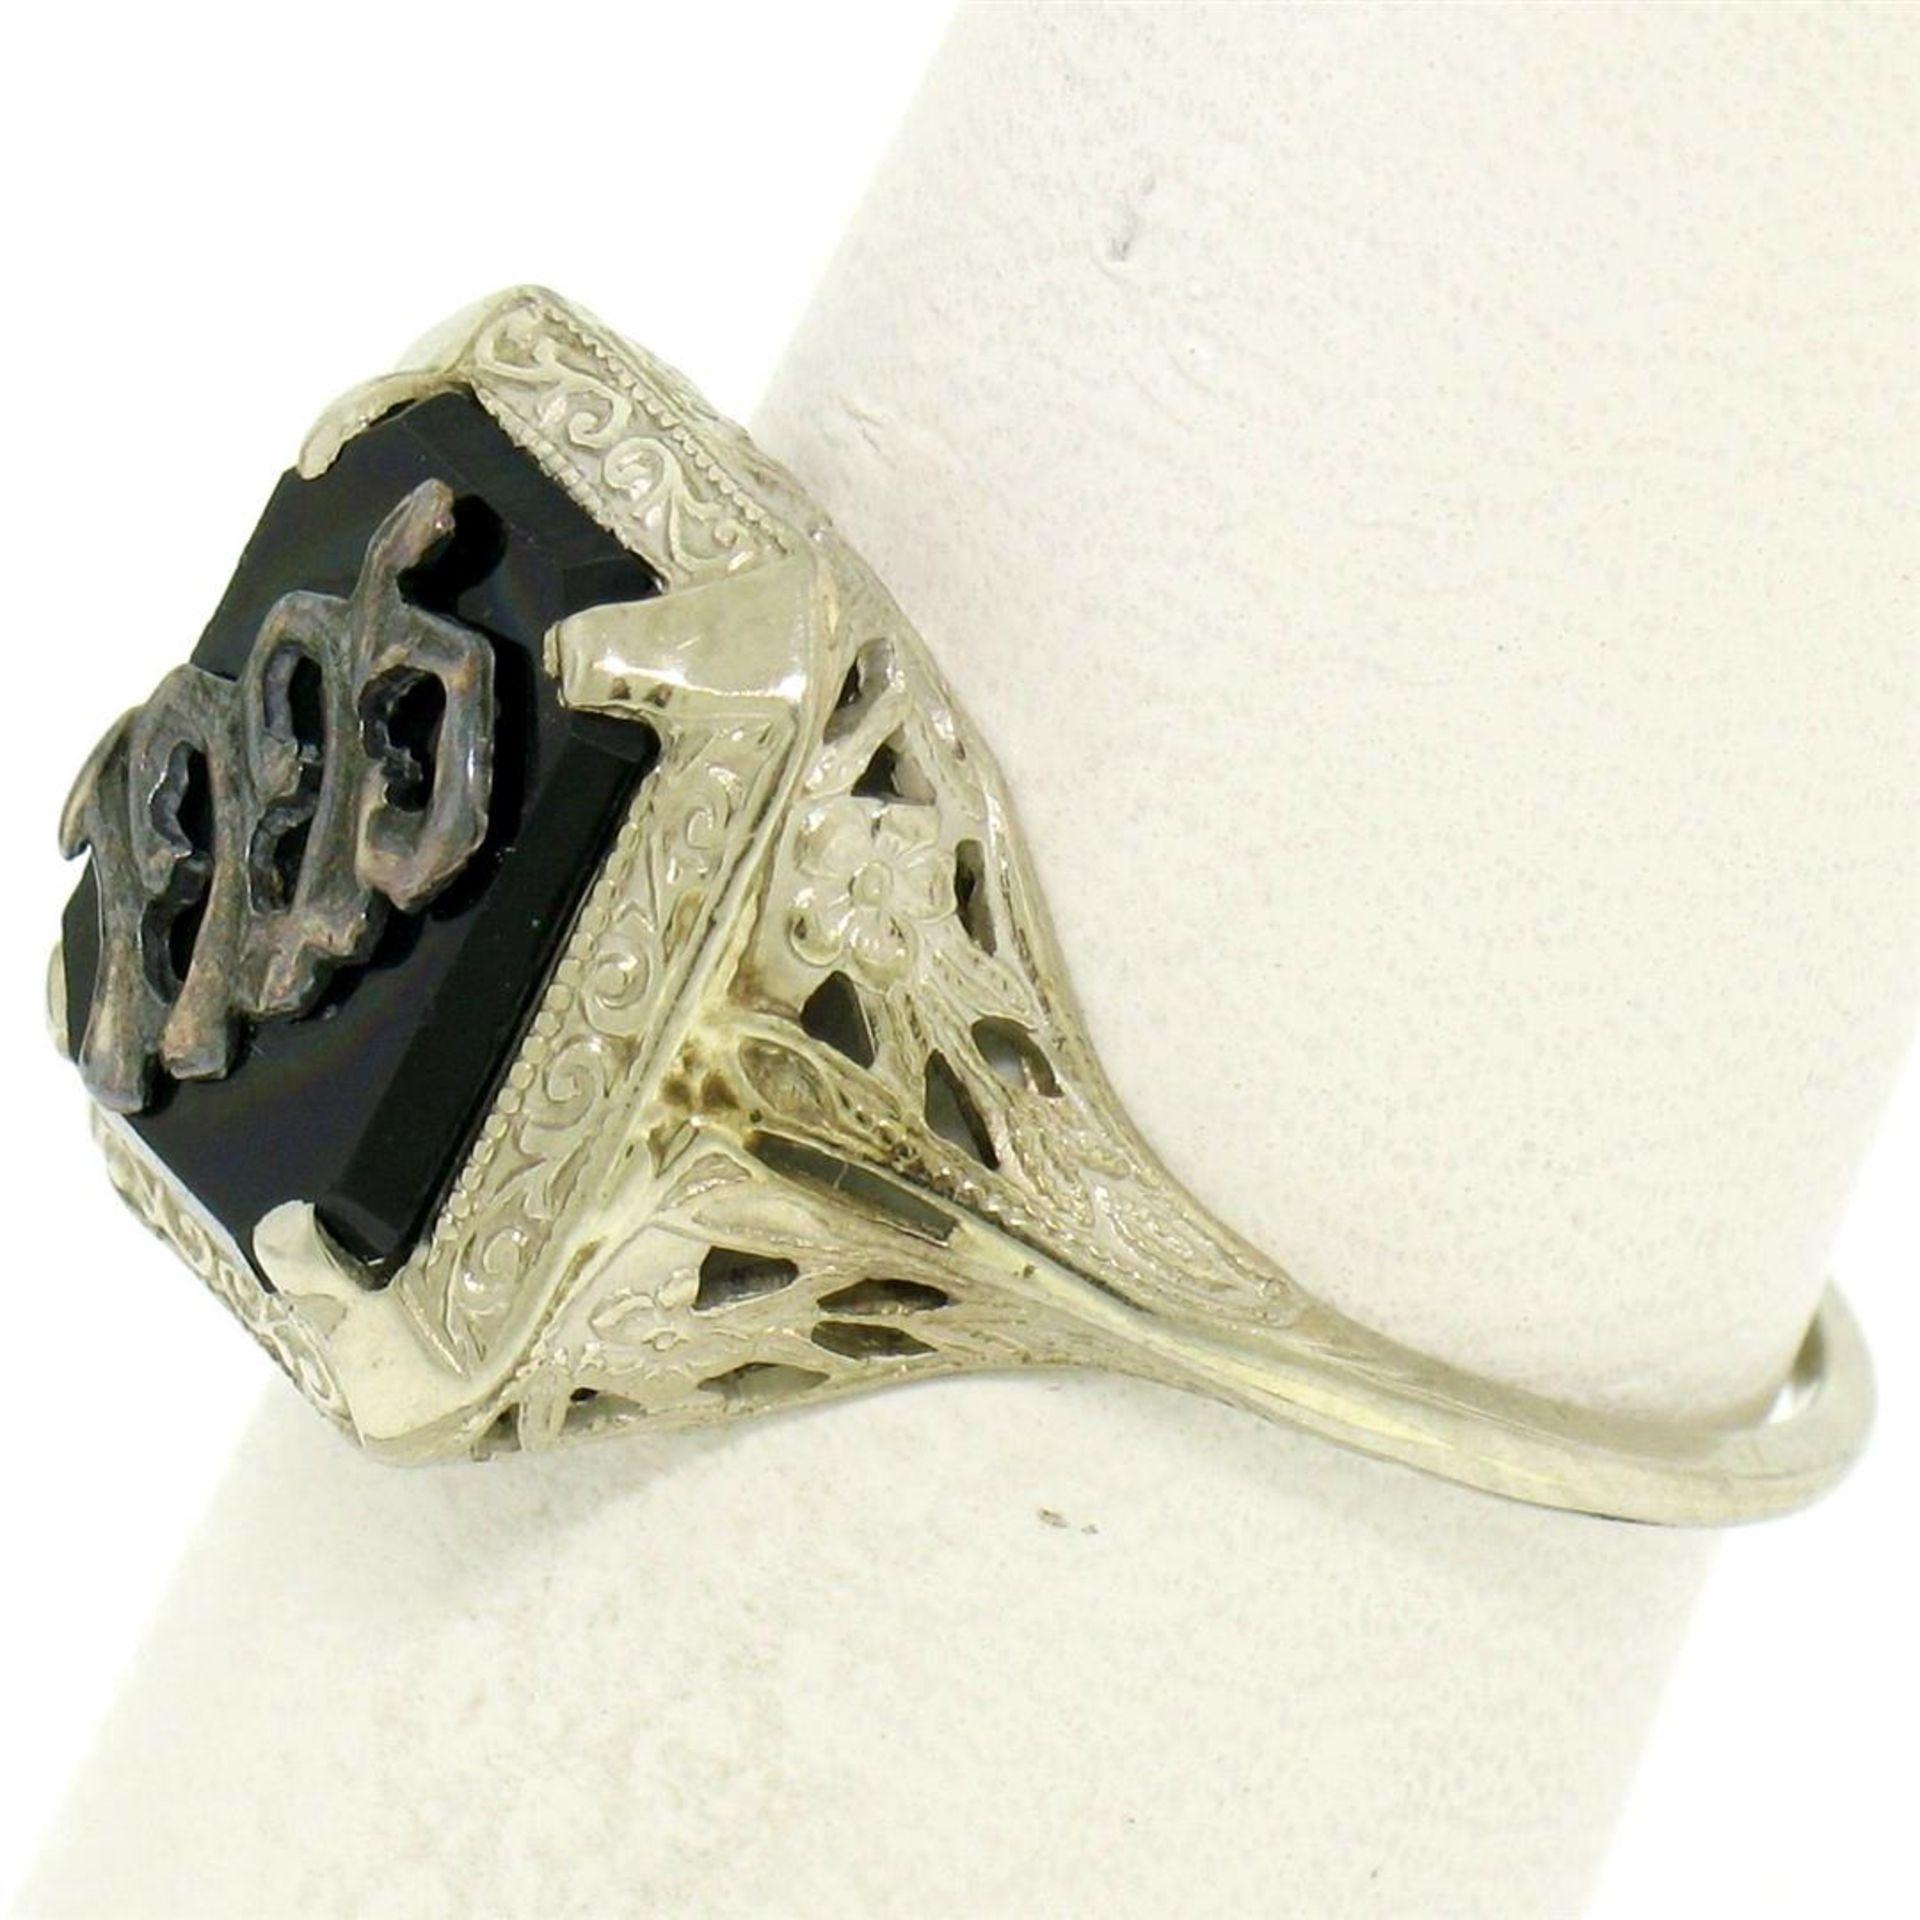 1925 14k White Gold Prong Set Black Onyx Filigree Dinner Ring - Image 2 of 8